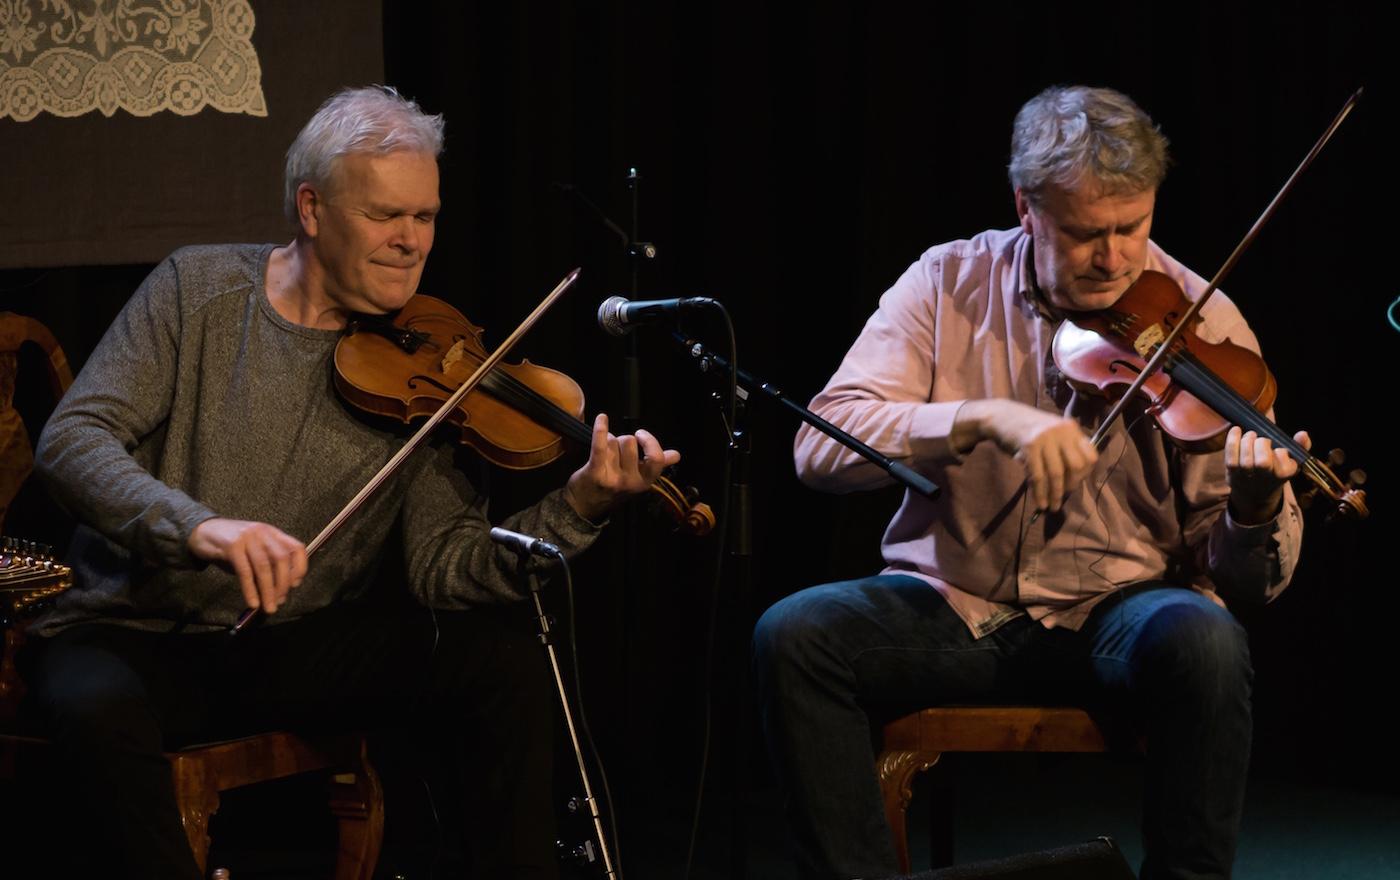 Foto på Mats Berglund & Per Gudmundson